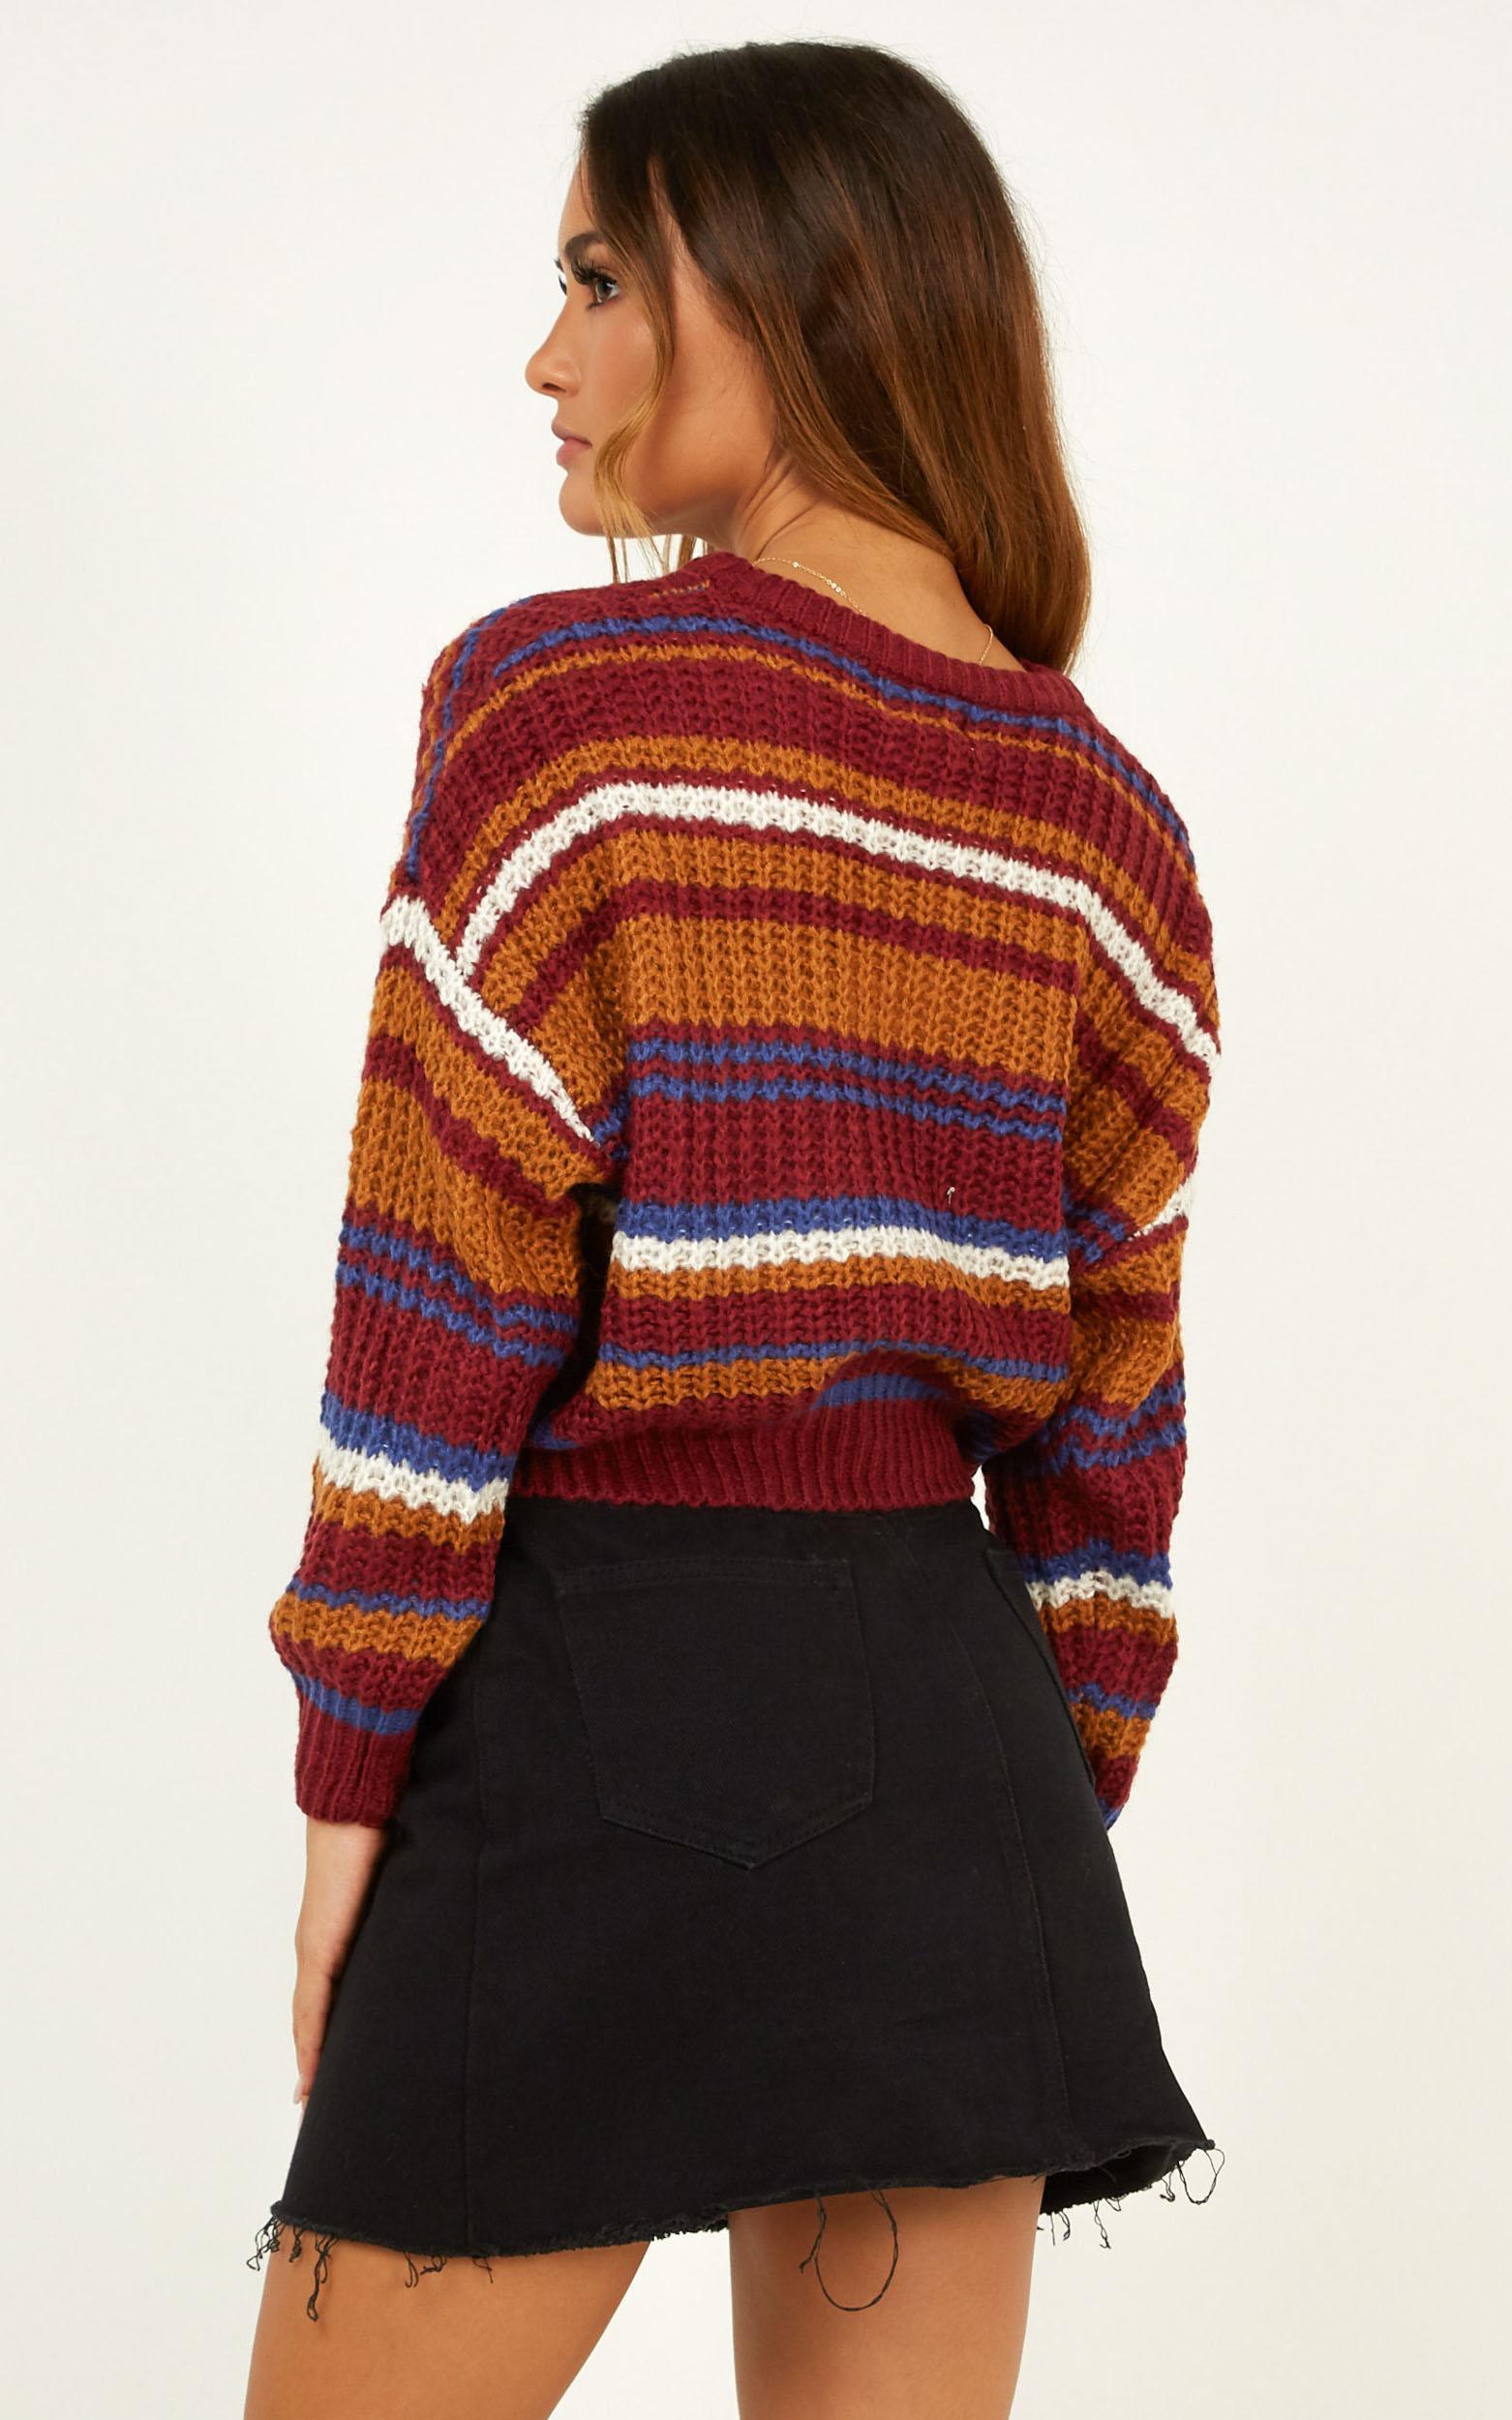 Hibernation Knit Jumper In Multi Stripe - M/L, Multi, hi-res image number null